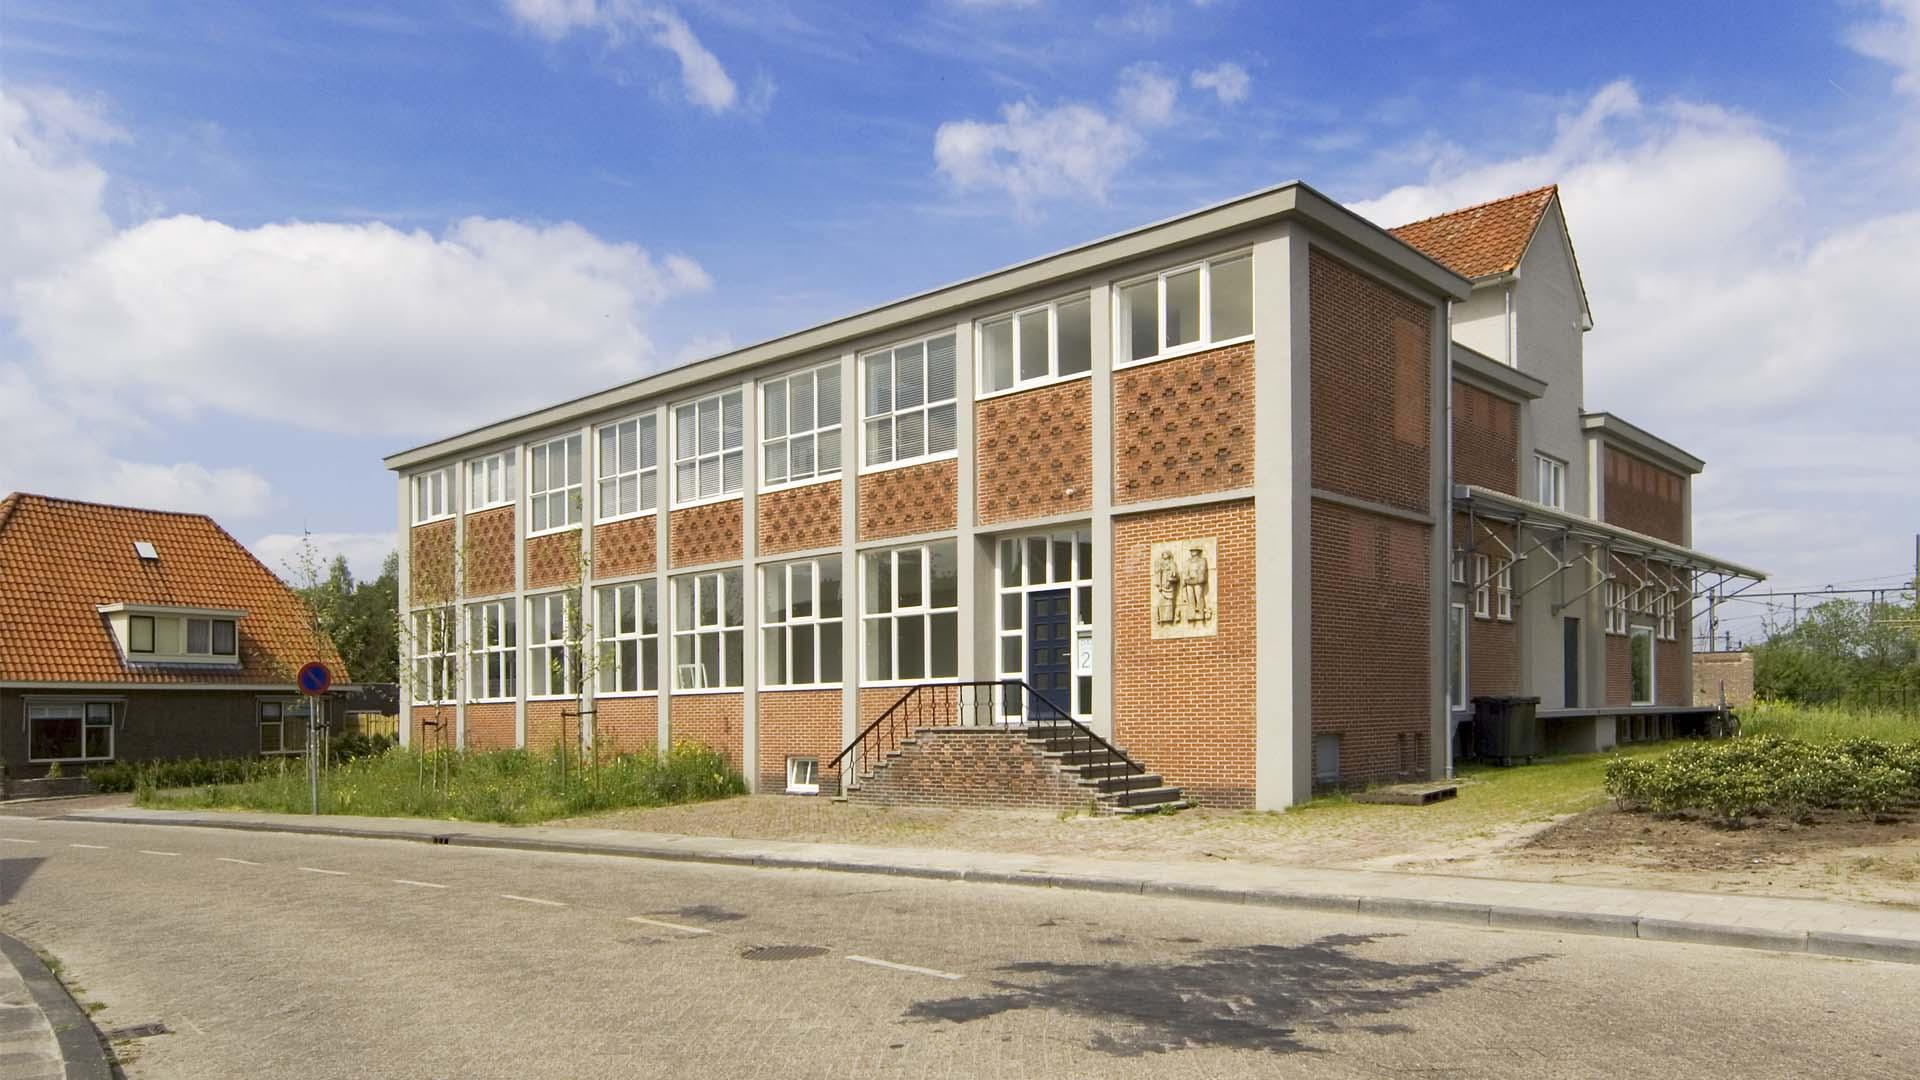 Kantoor DAAD Architecten te Beilen